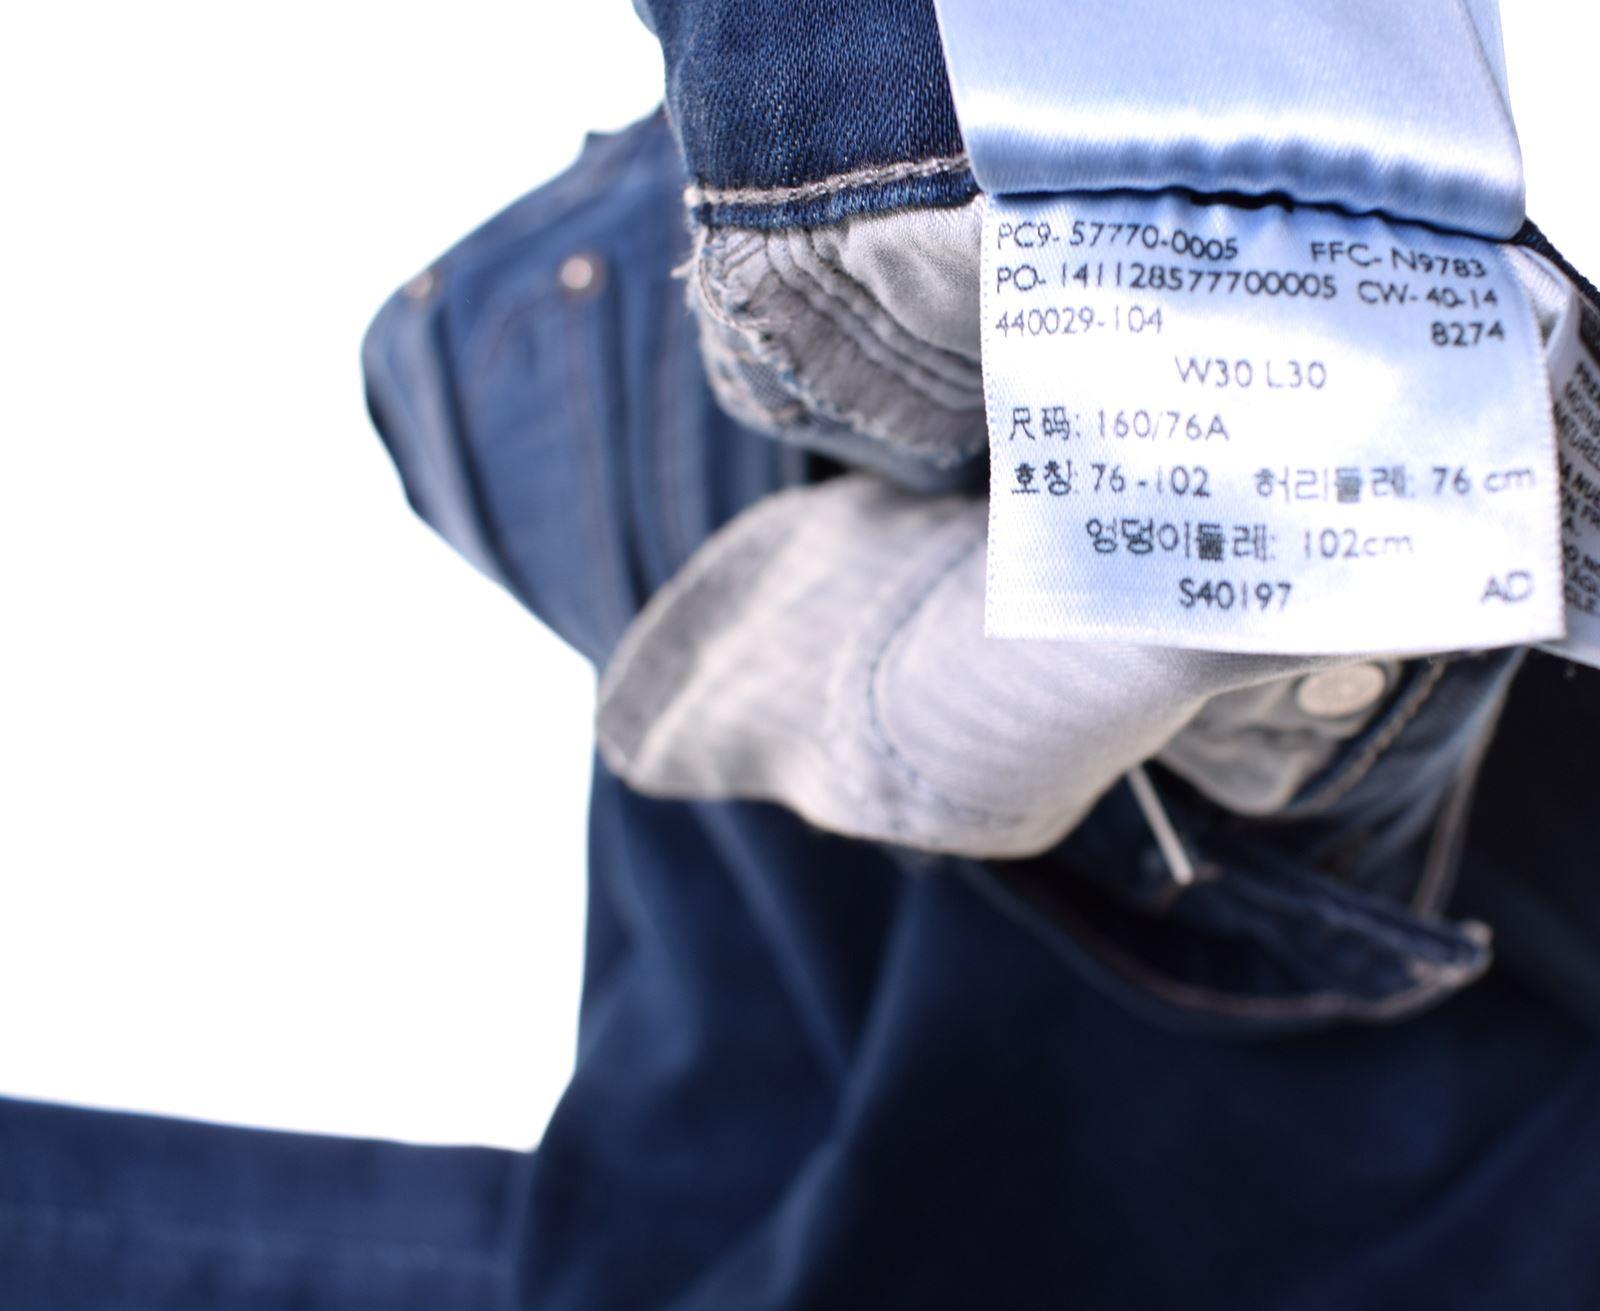 LEVI'S Womens Jeans W30 L30 Blue Cotton Bootcut Demi Curve